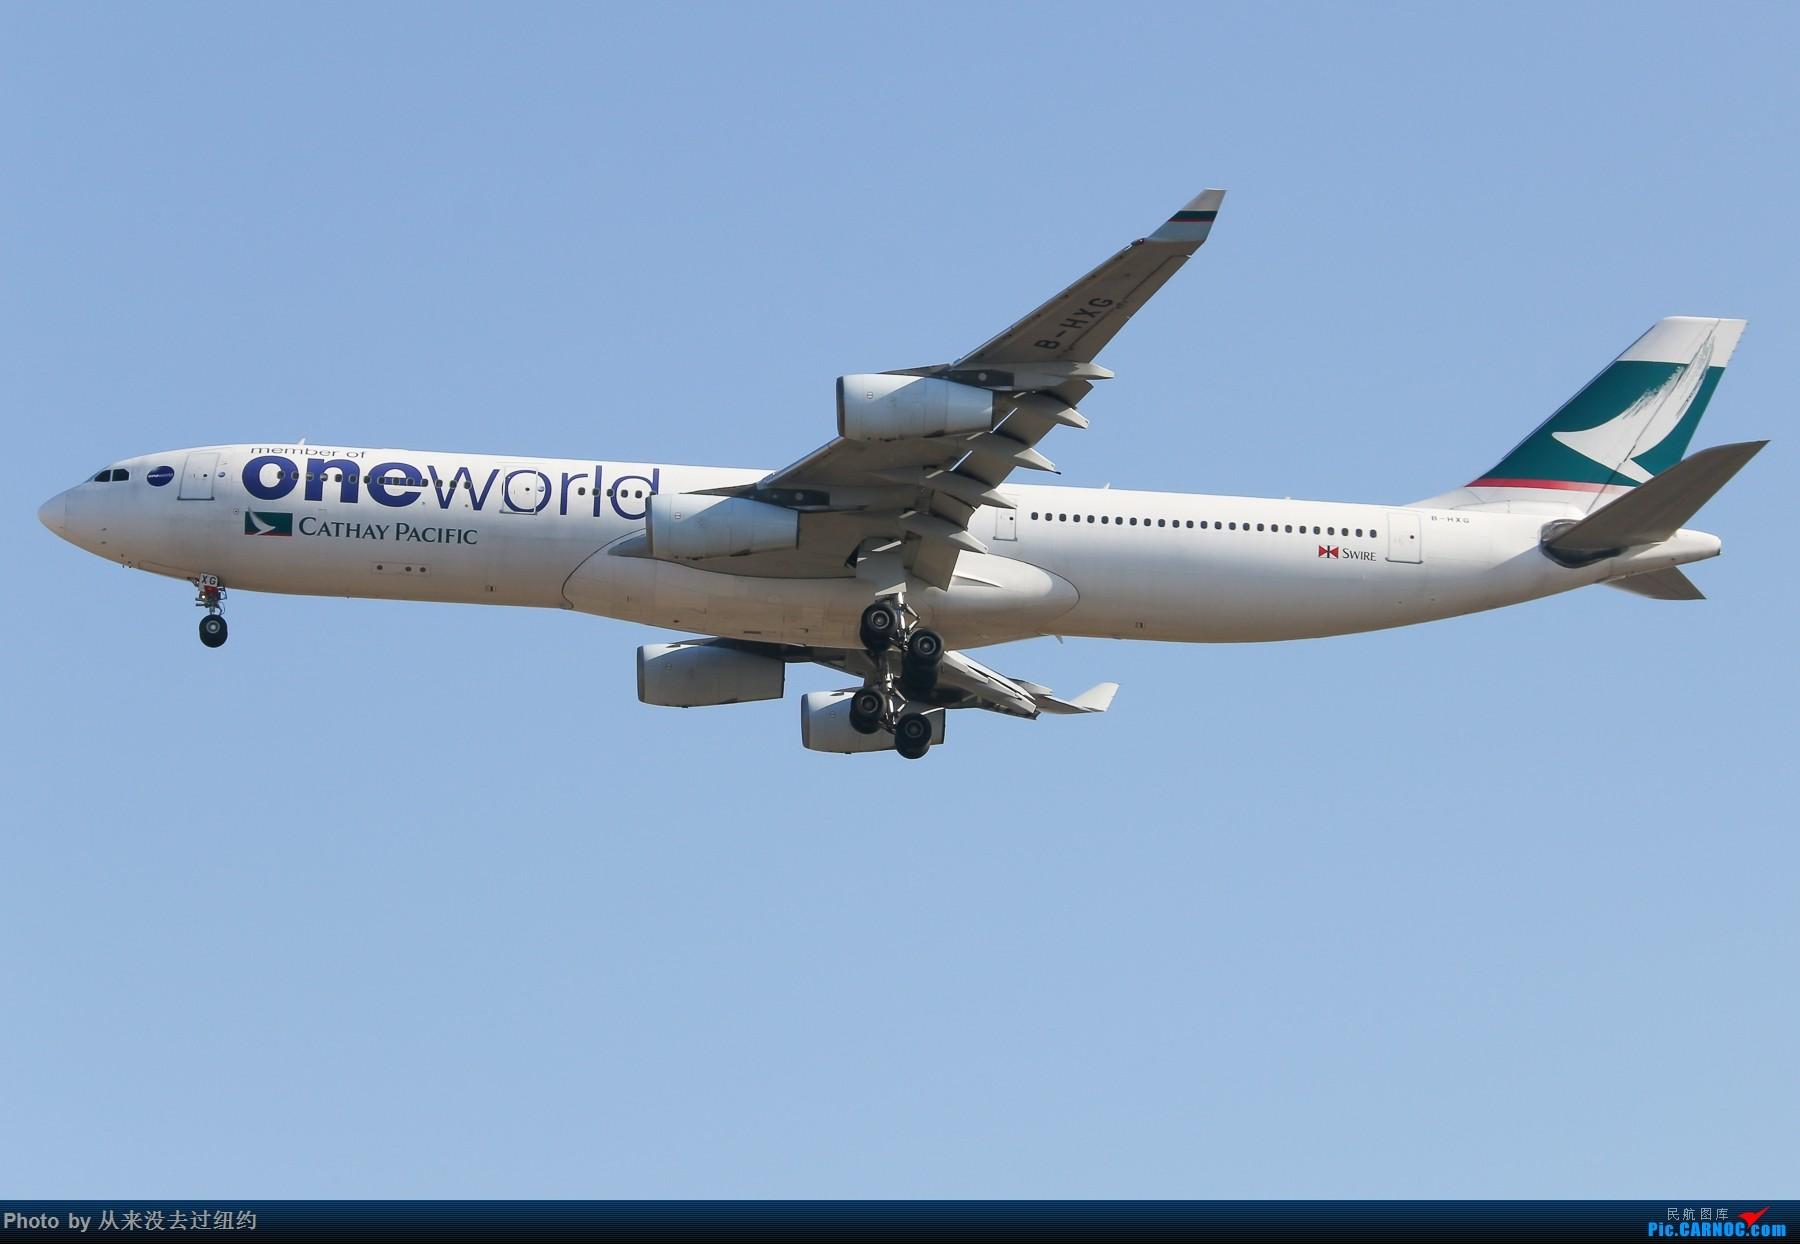 [原创]国泰340-300one world 彩绘 PEK 01降落 AIRBUS A340-300 B-HXG 中国北京首都国际机场